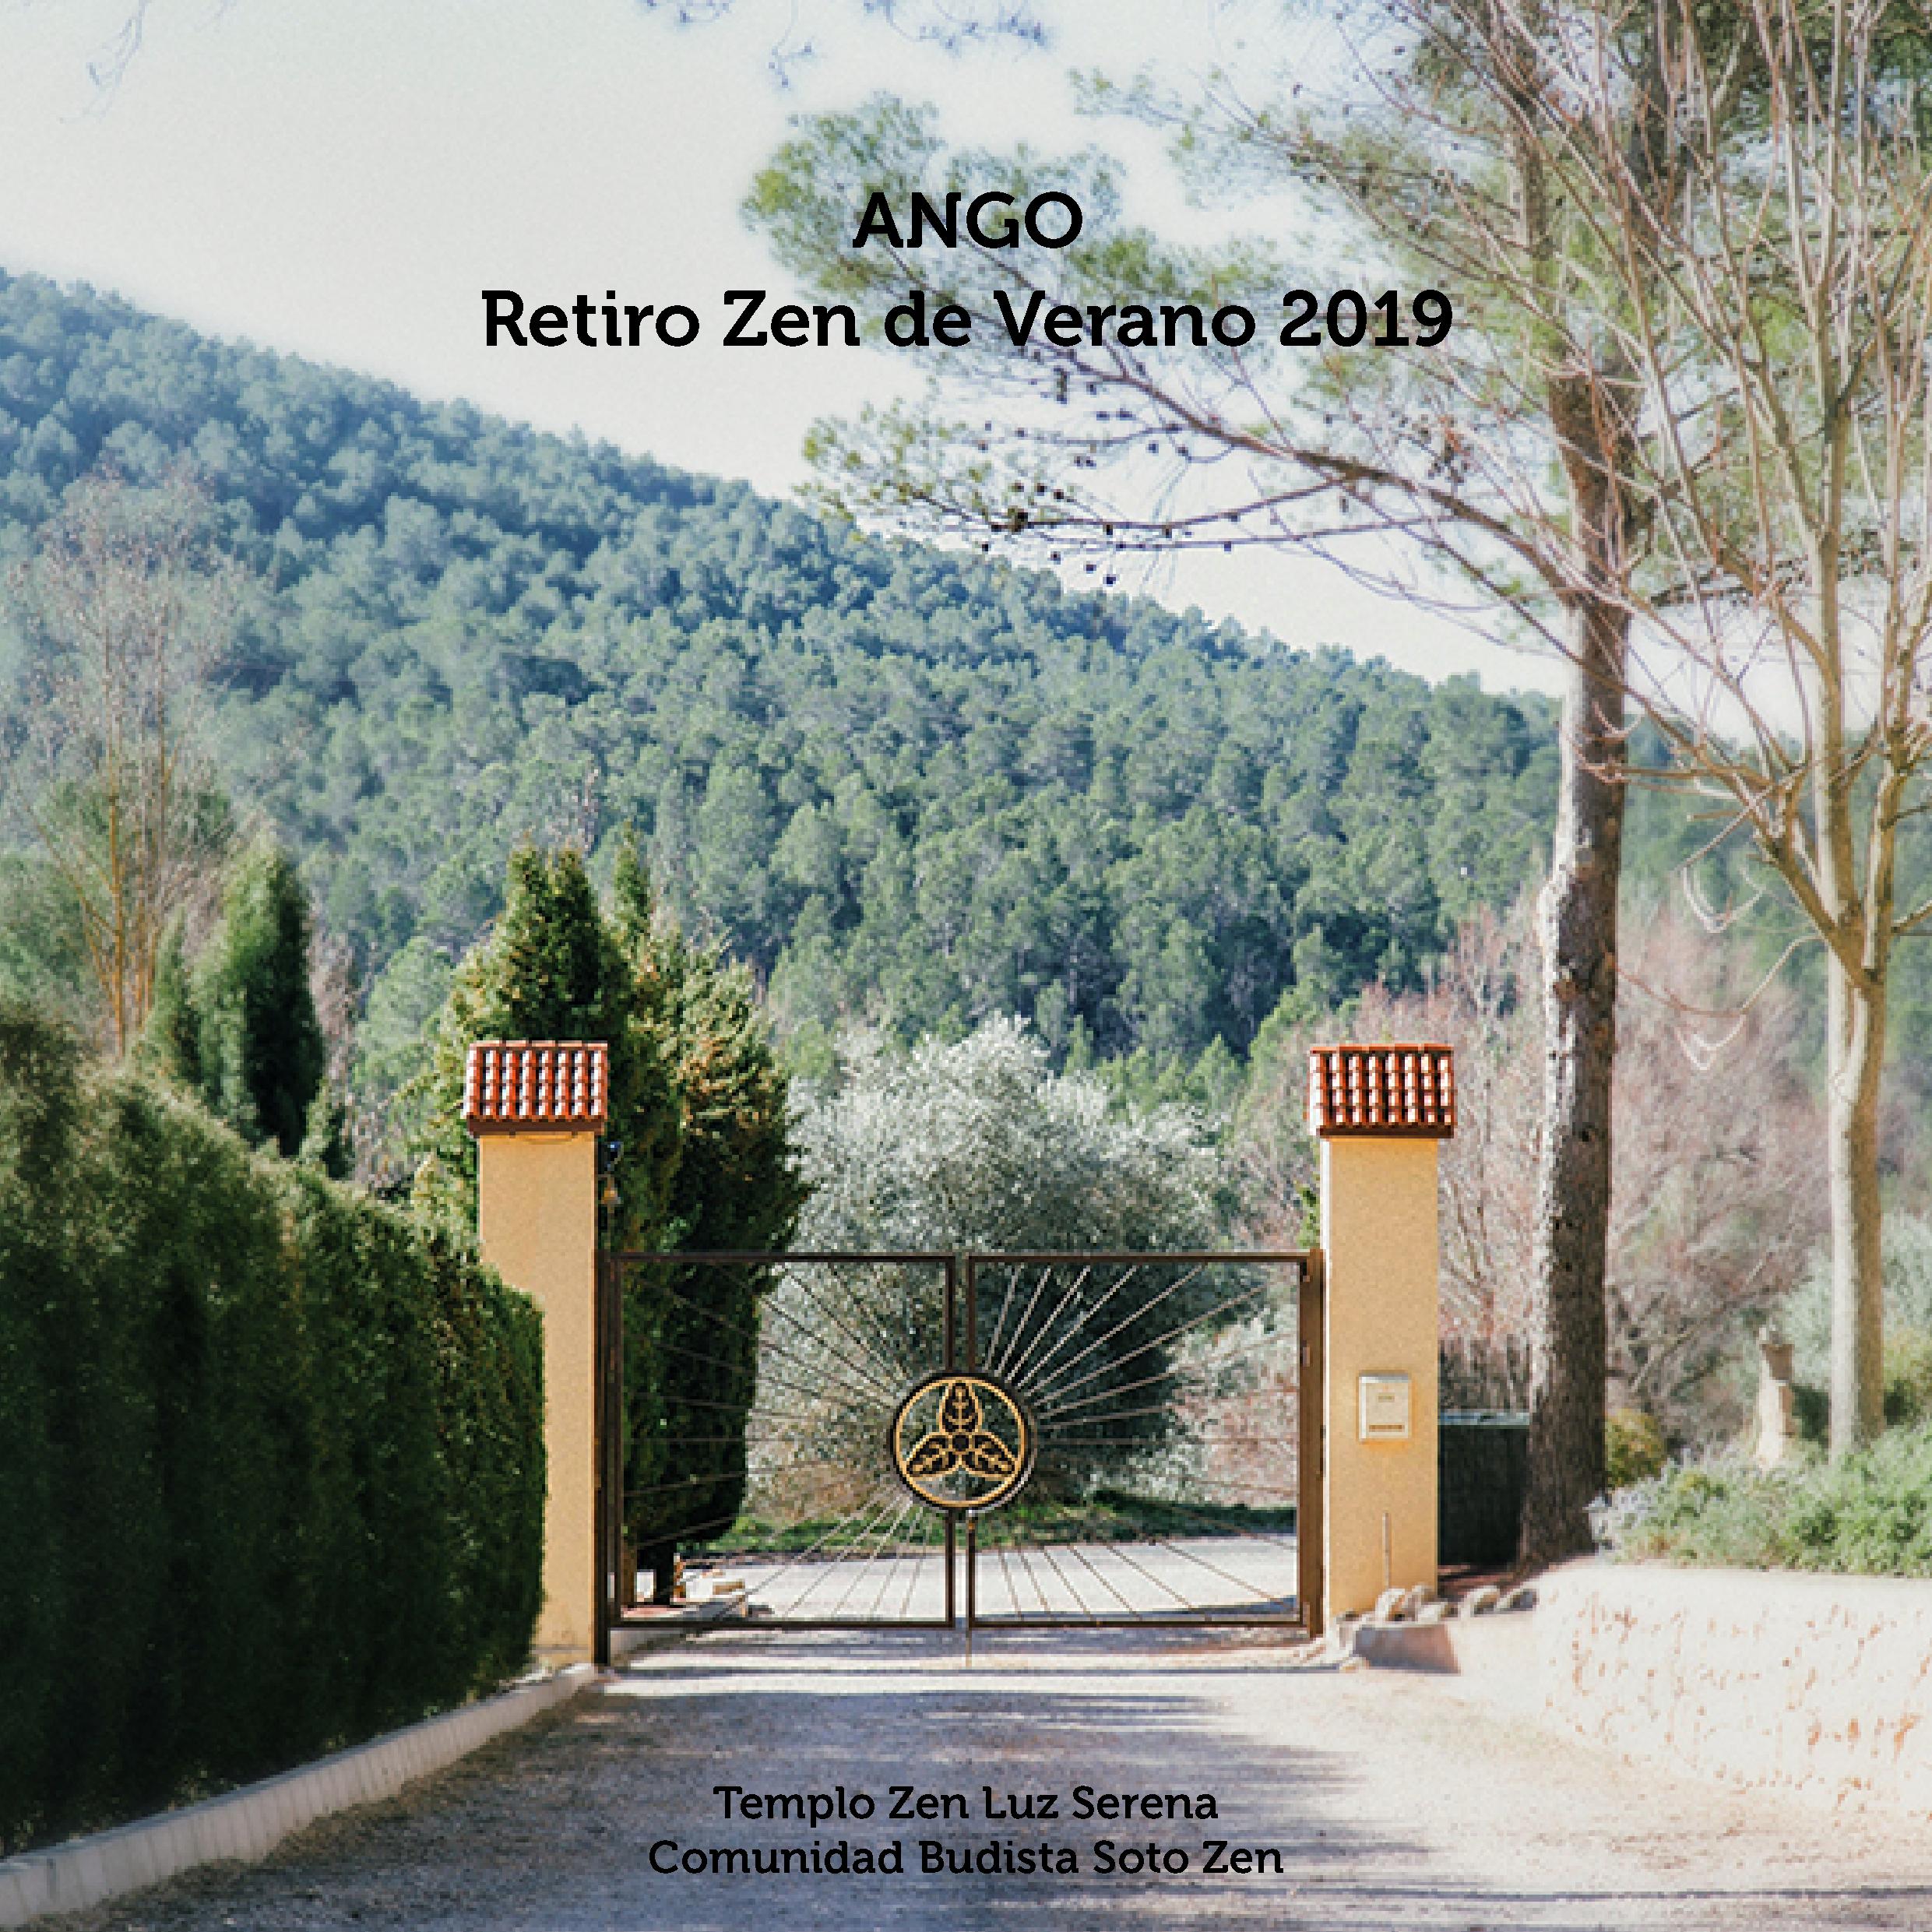 RETIRO ZEN DE VERANO 2019